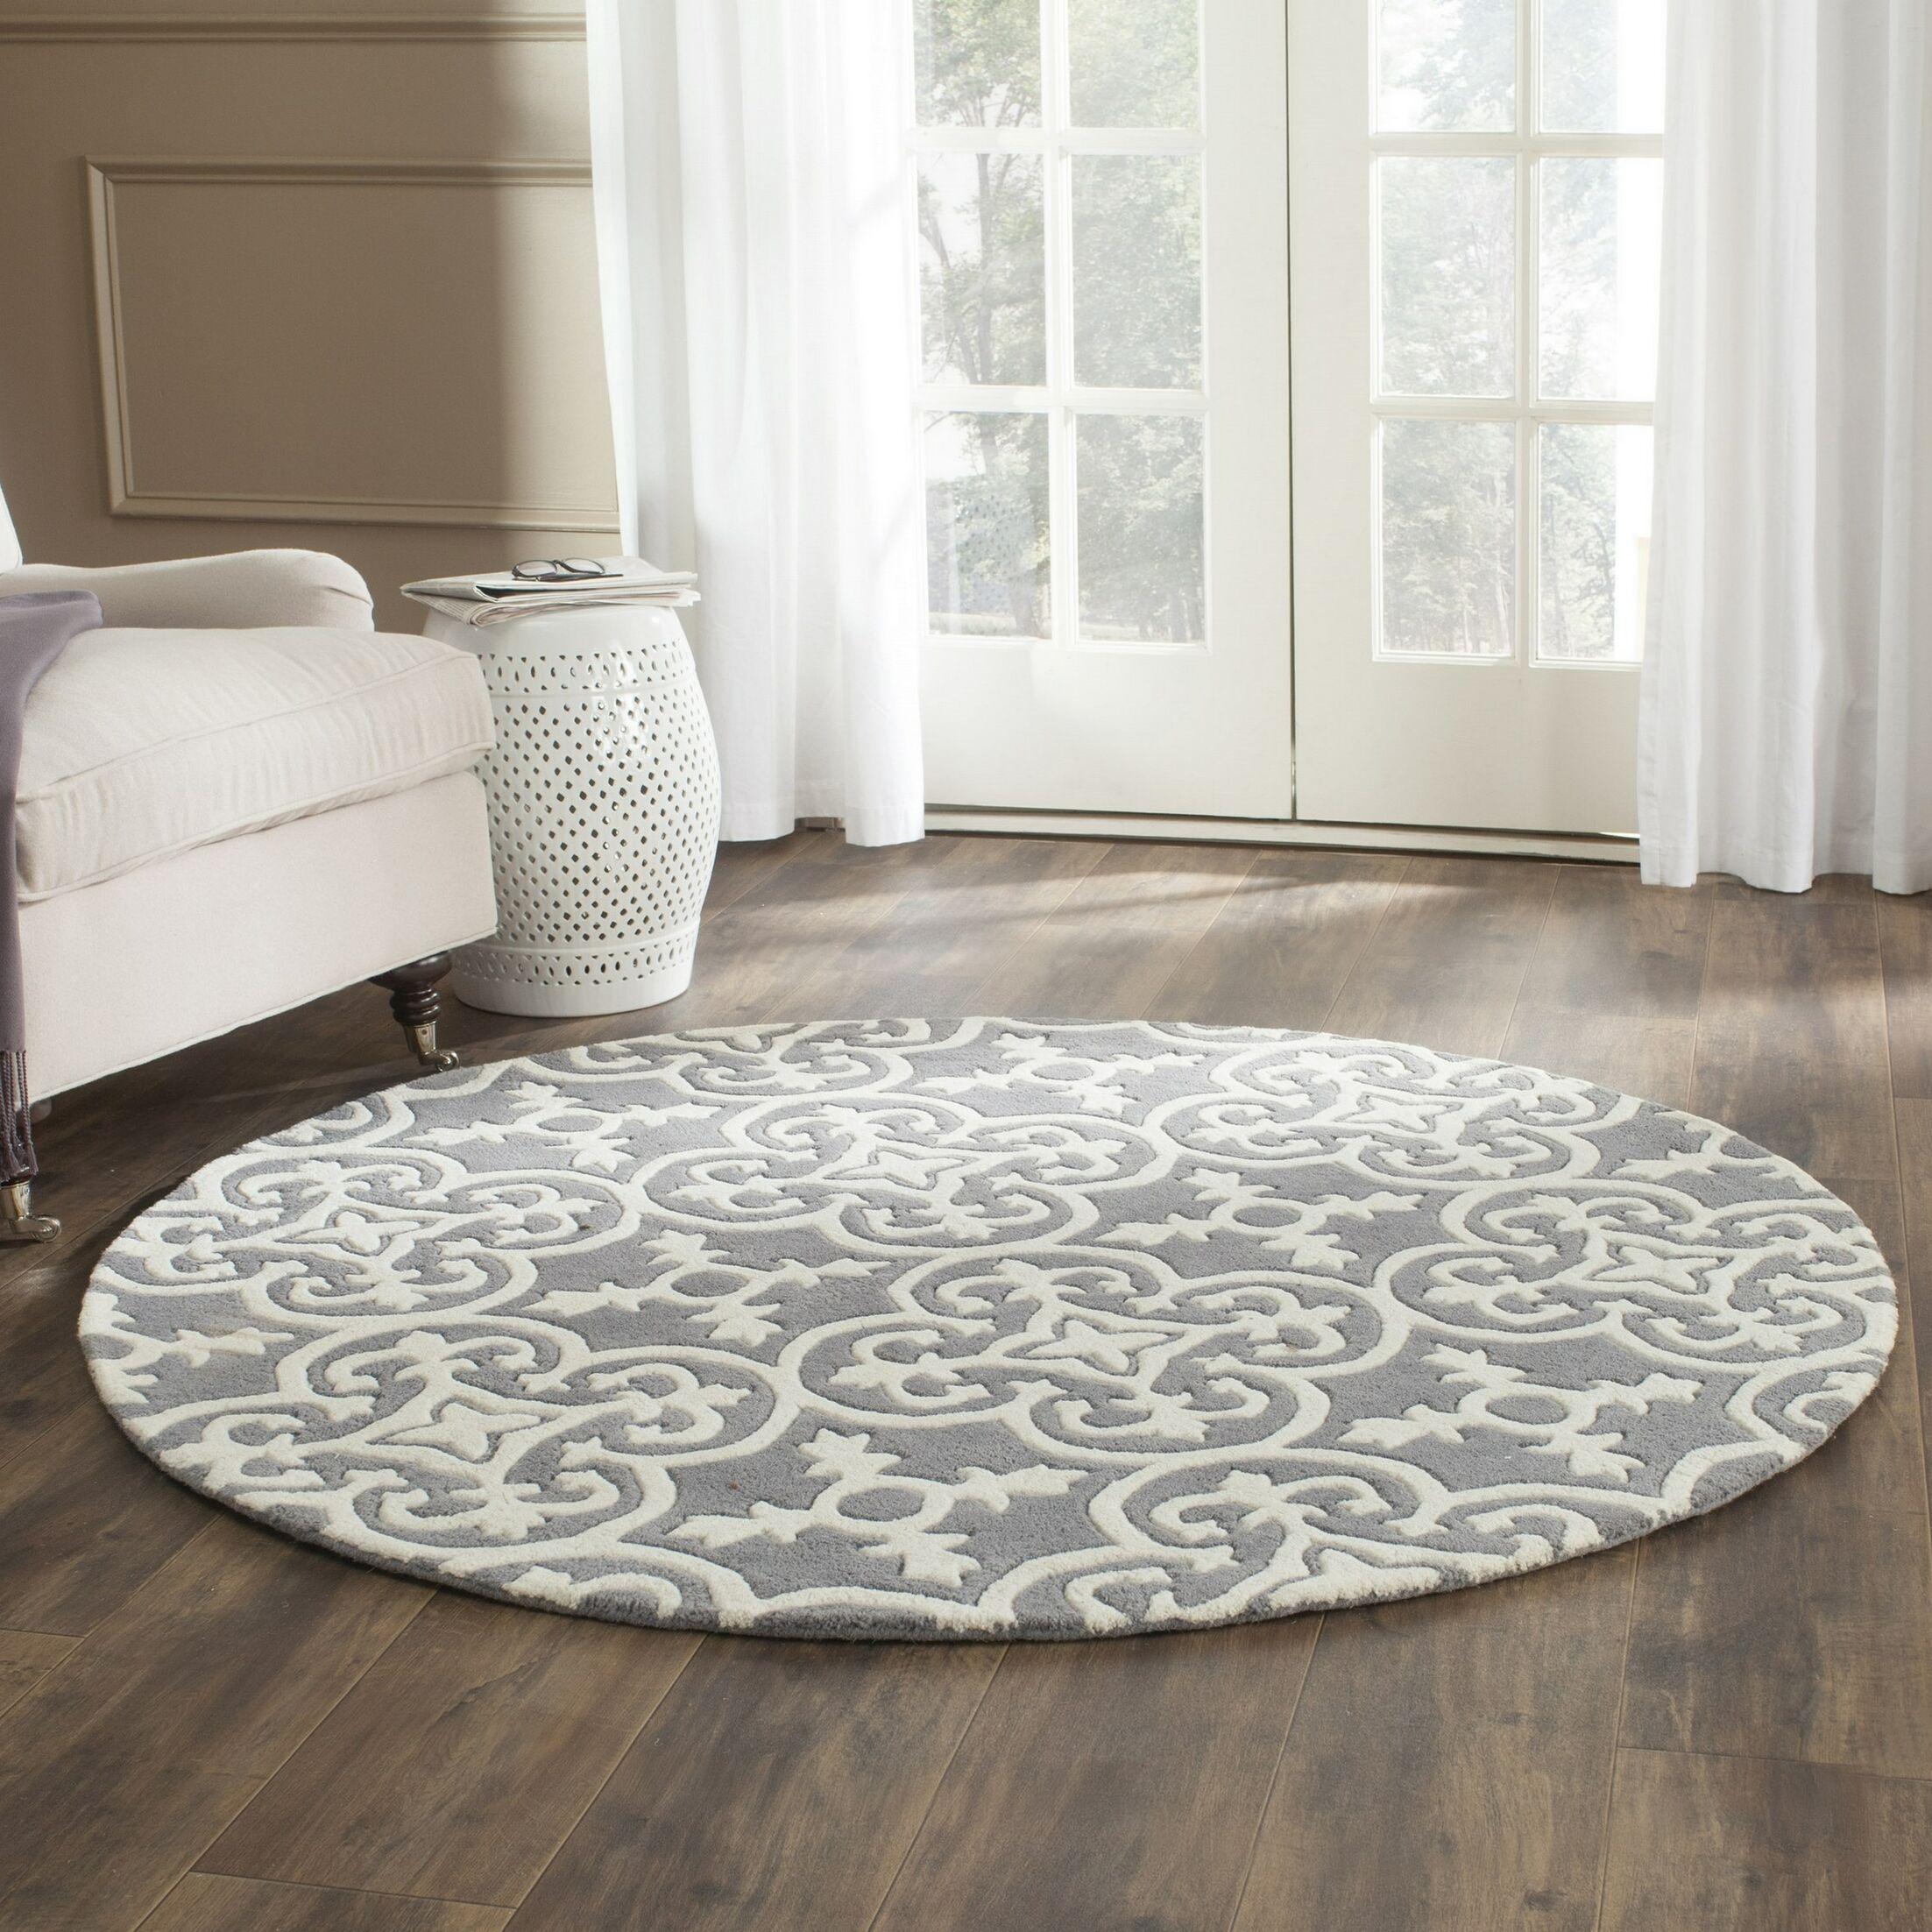 Wilkin Dark Grey / Ivory Contemporary Rug Rug Size: Round 5'